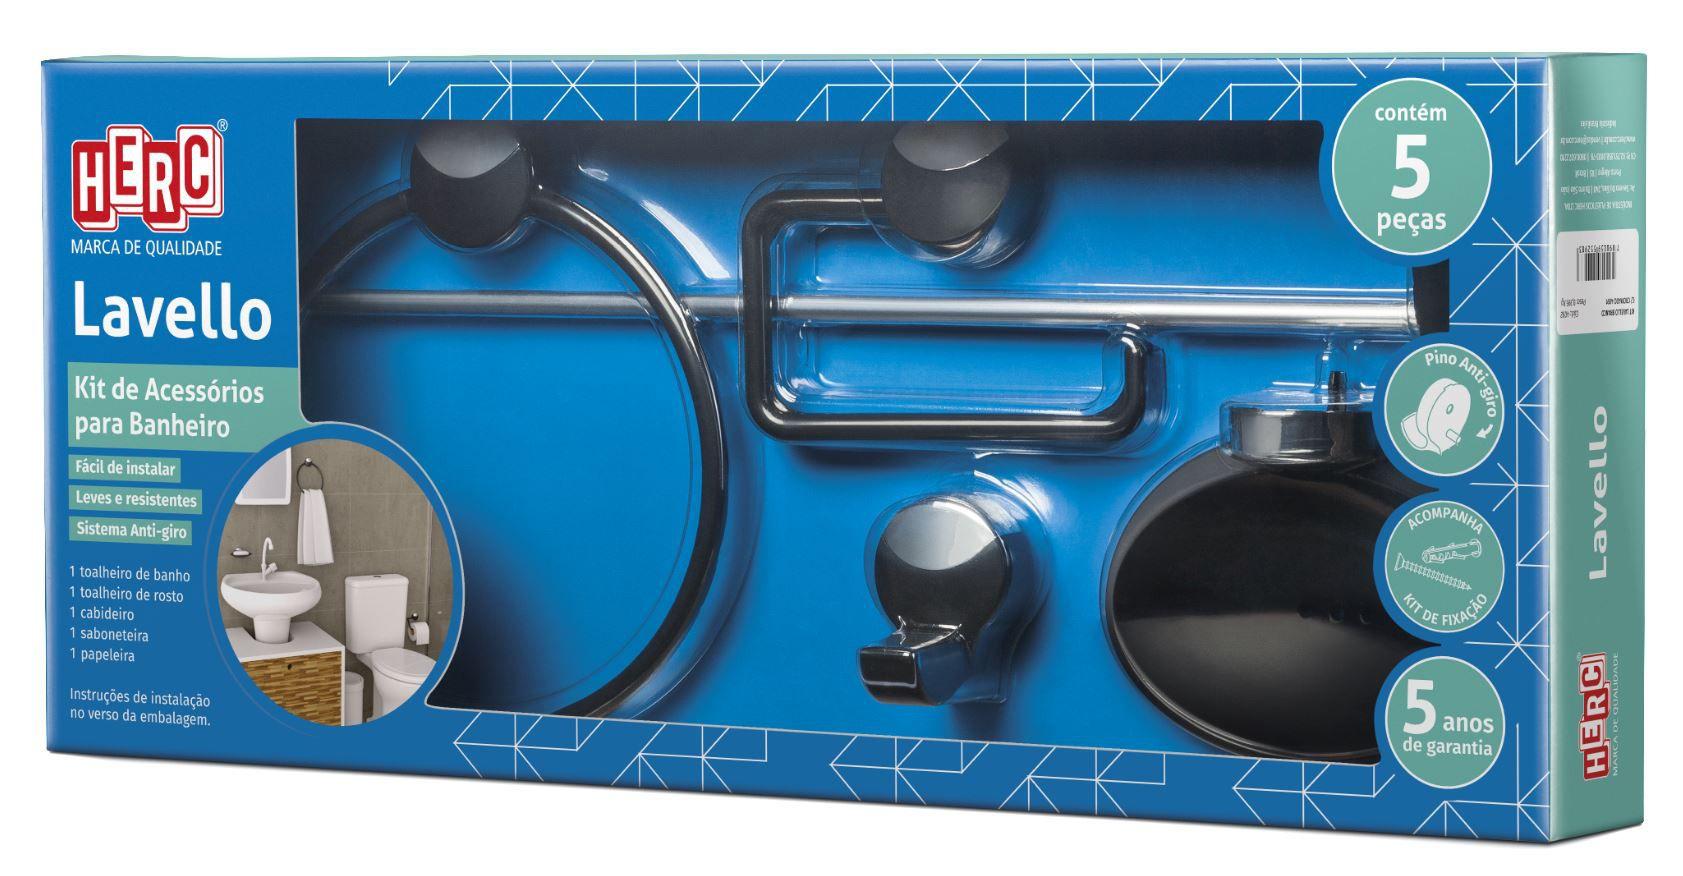 Kit de Acessórios para Banheiro Herc Lavello Preto e Cromado com 5 Peças